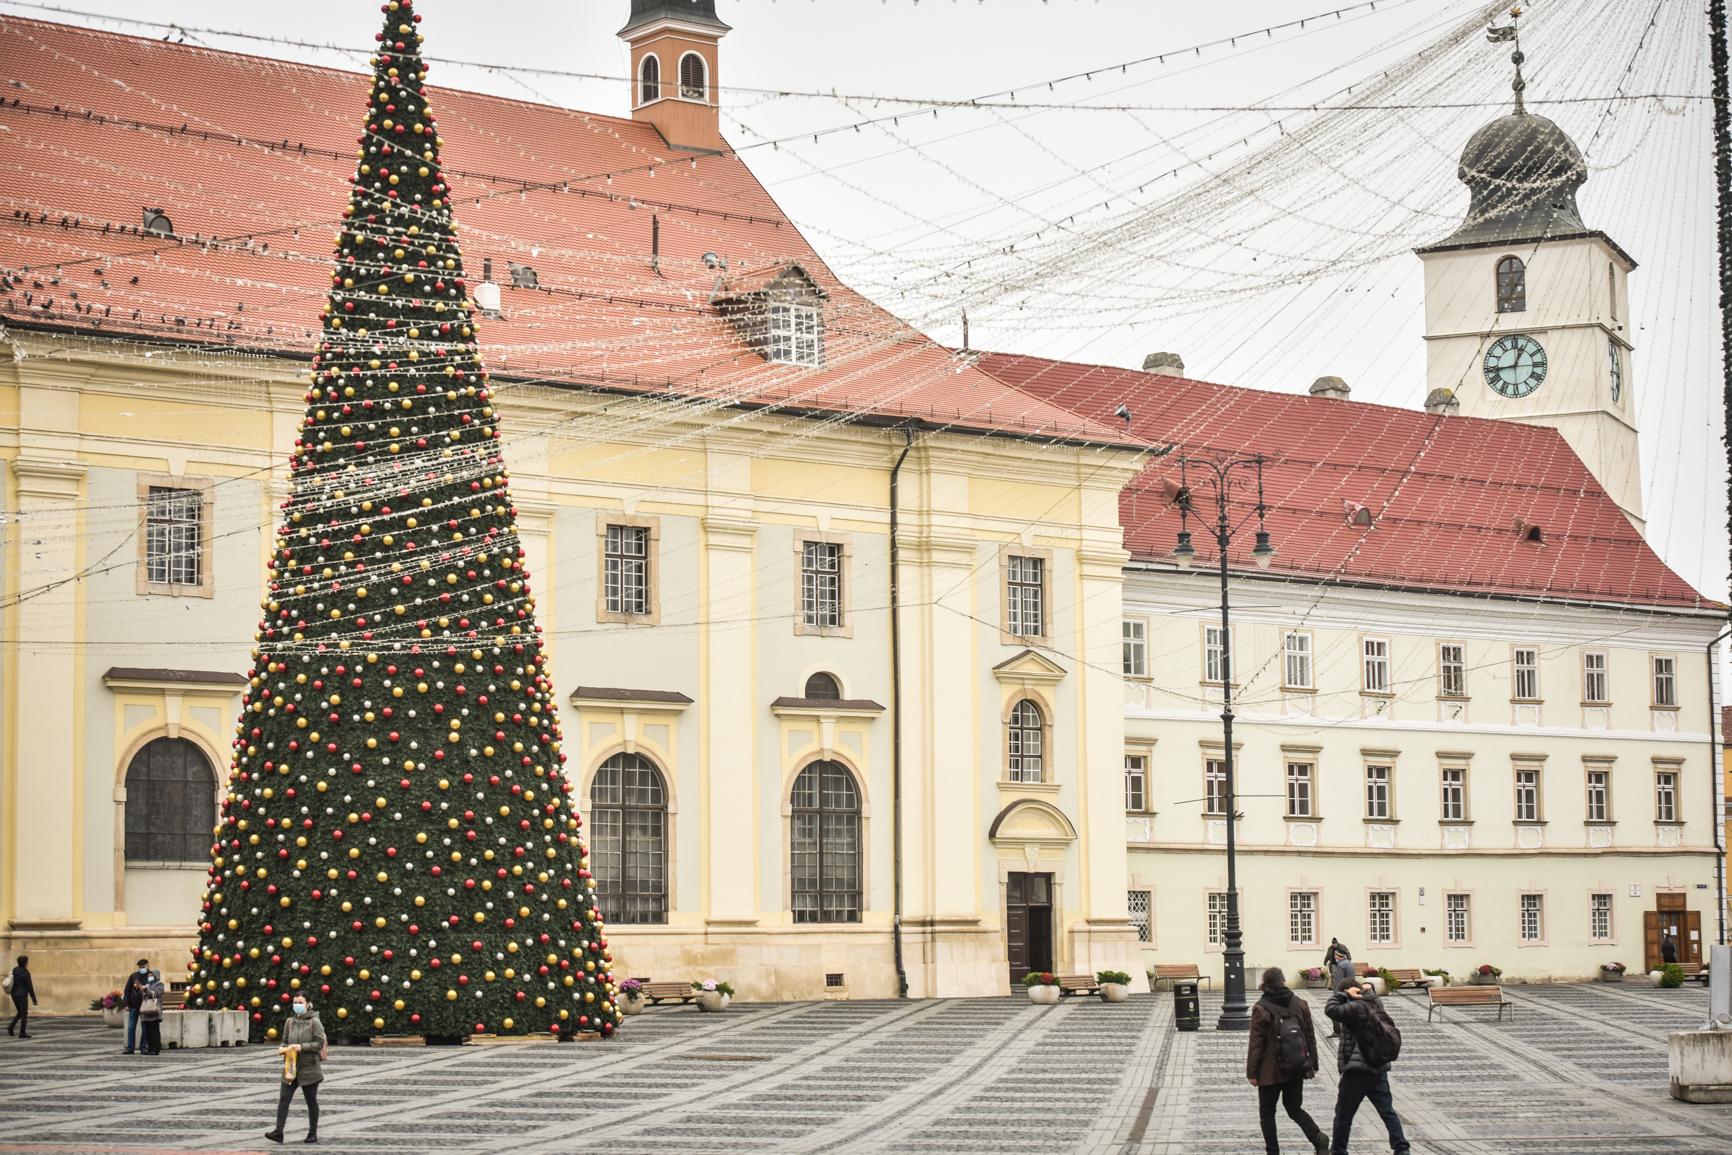 Rata de infectare scade și în municipiul Sibiu. 2.264 de noi cazuri, confirmate în ultimele 14 zile